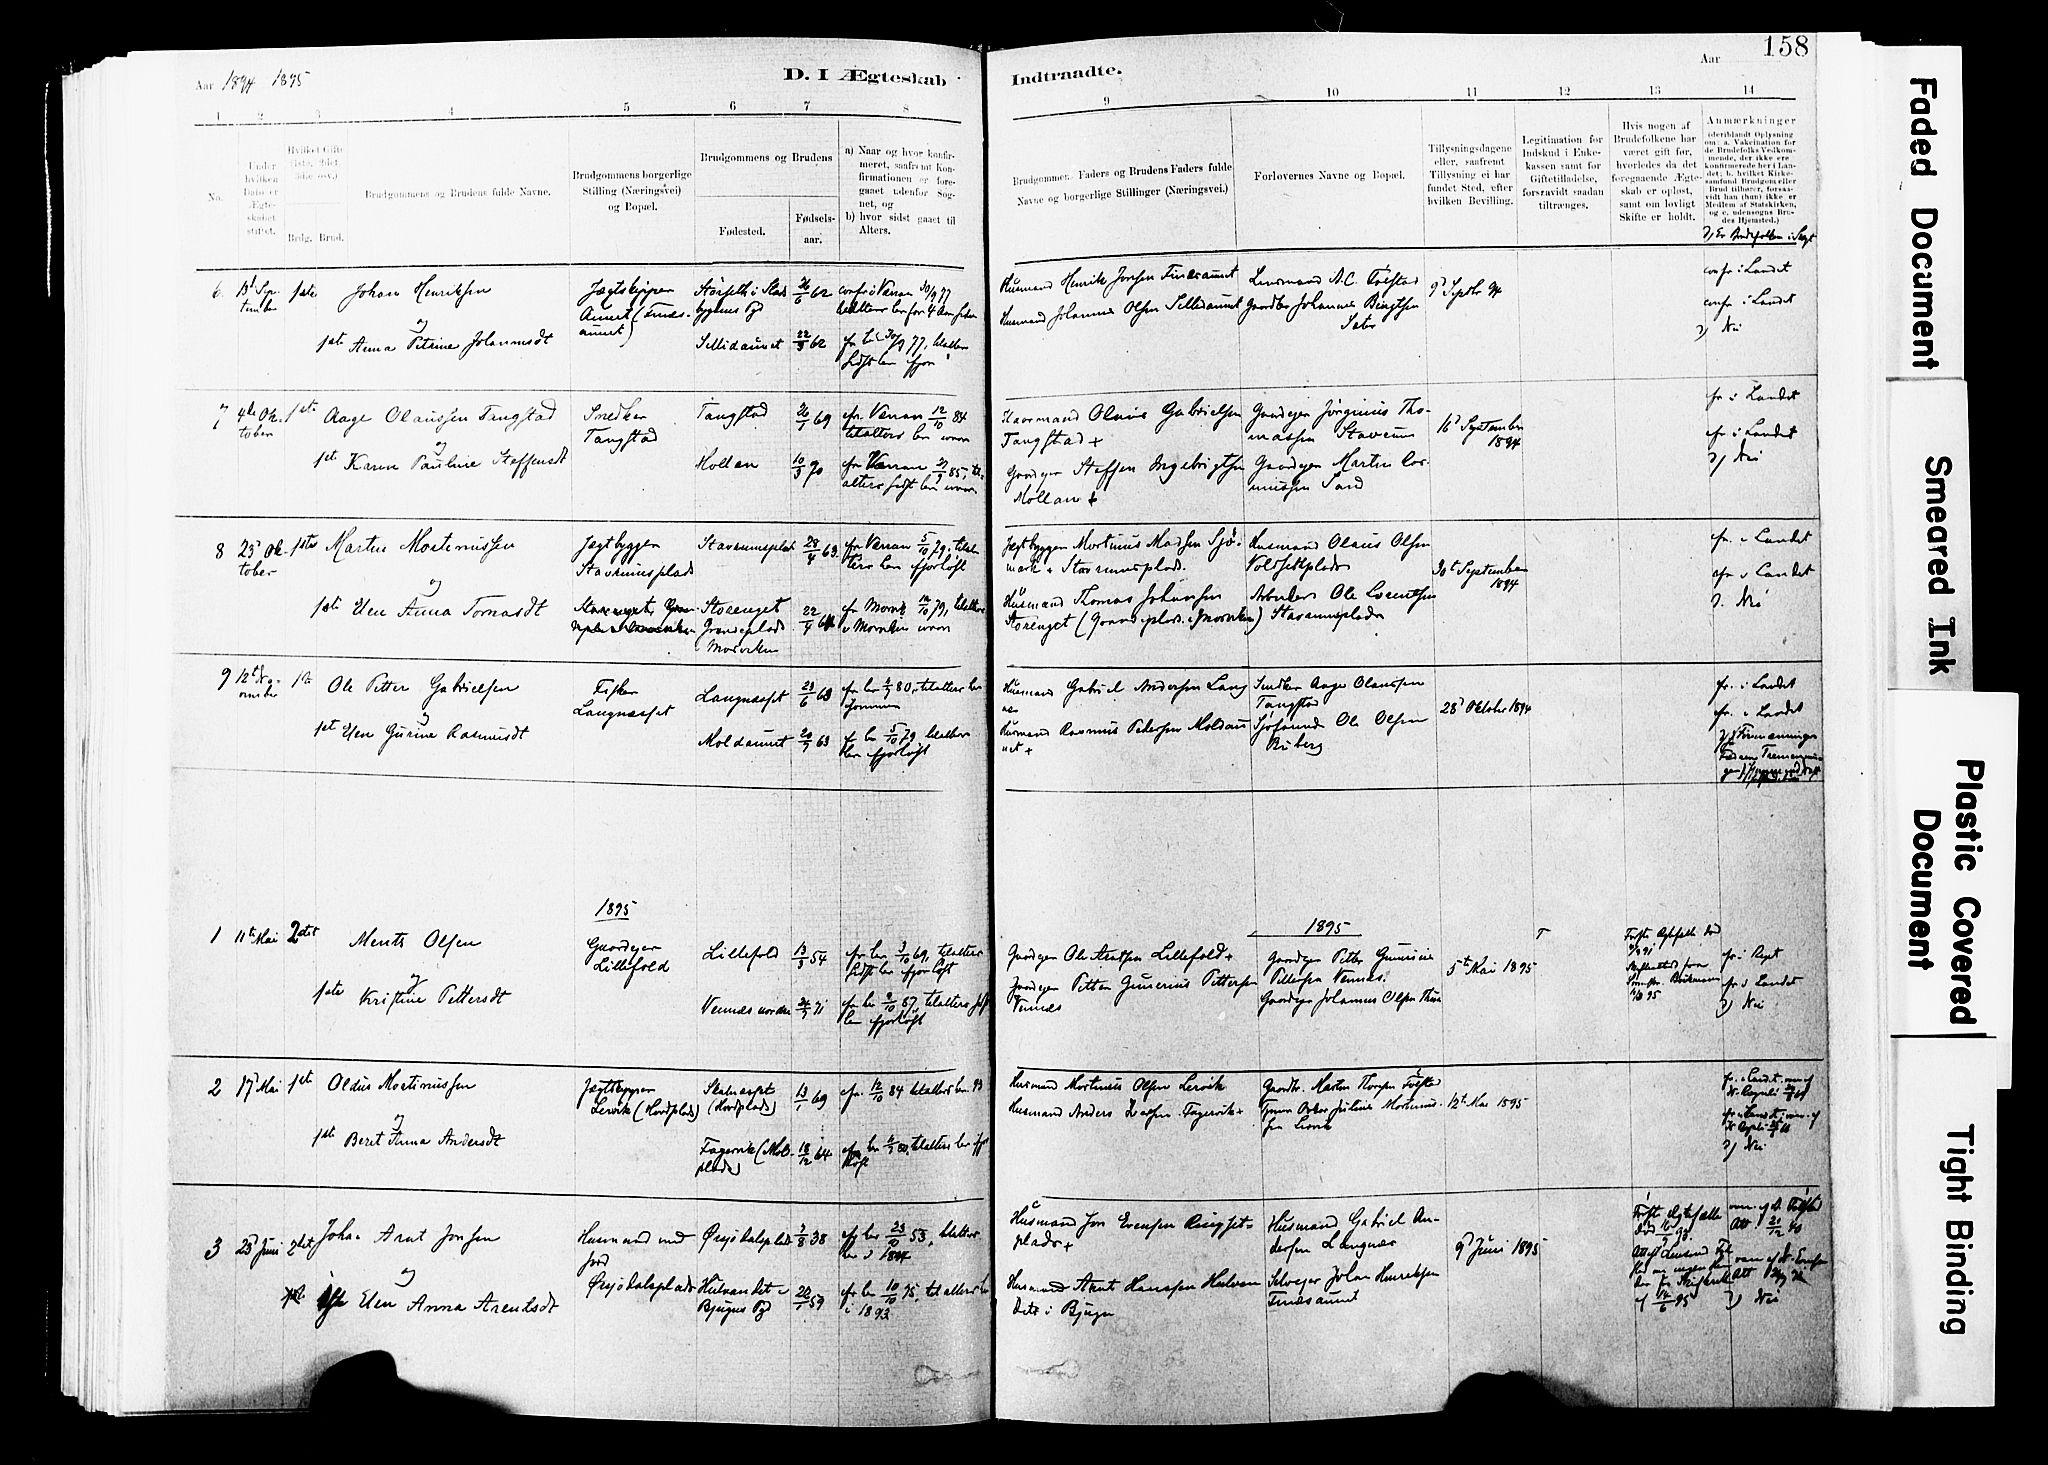 SAT, Ministerialprotokoller, klokkerbøker og fødselsregistre - Nord-Trøndelag, 744/L0420: Ministerialbok nr. 744A04, 1882-1904, s. 158